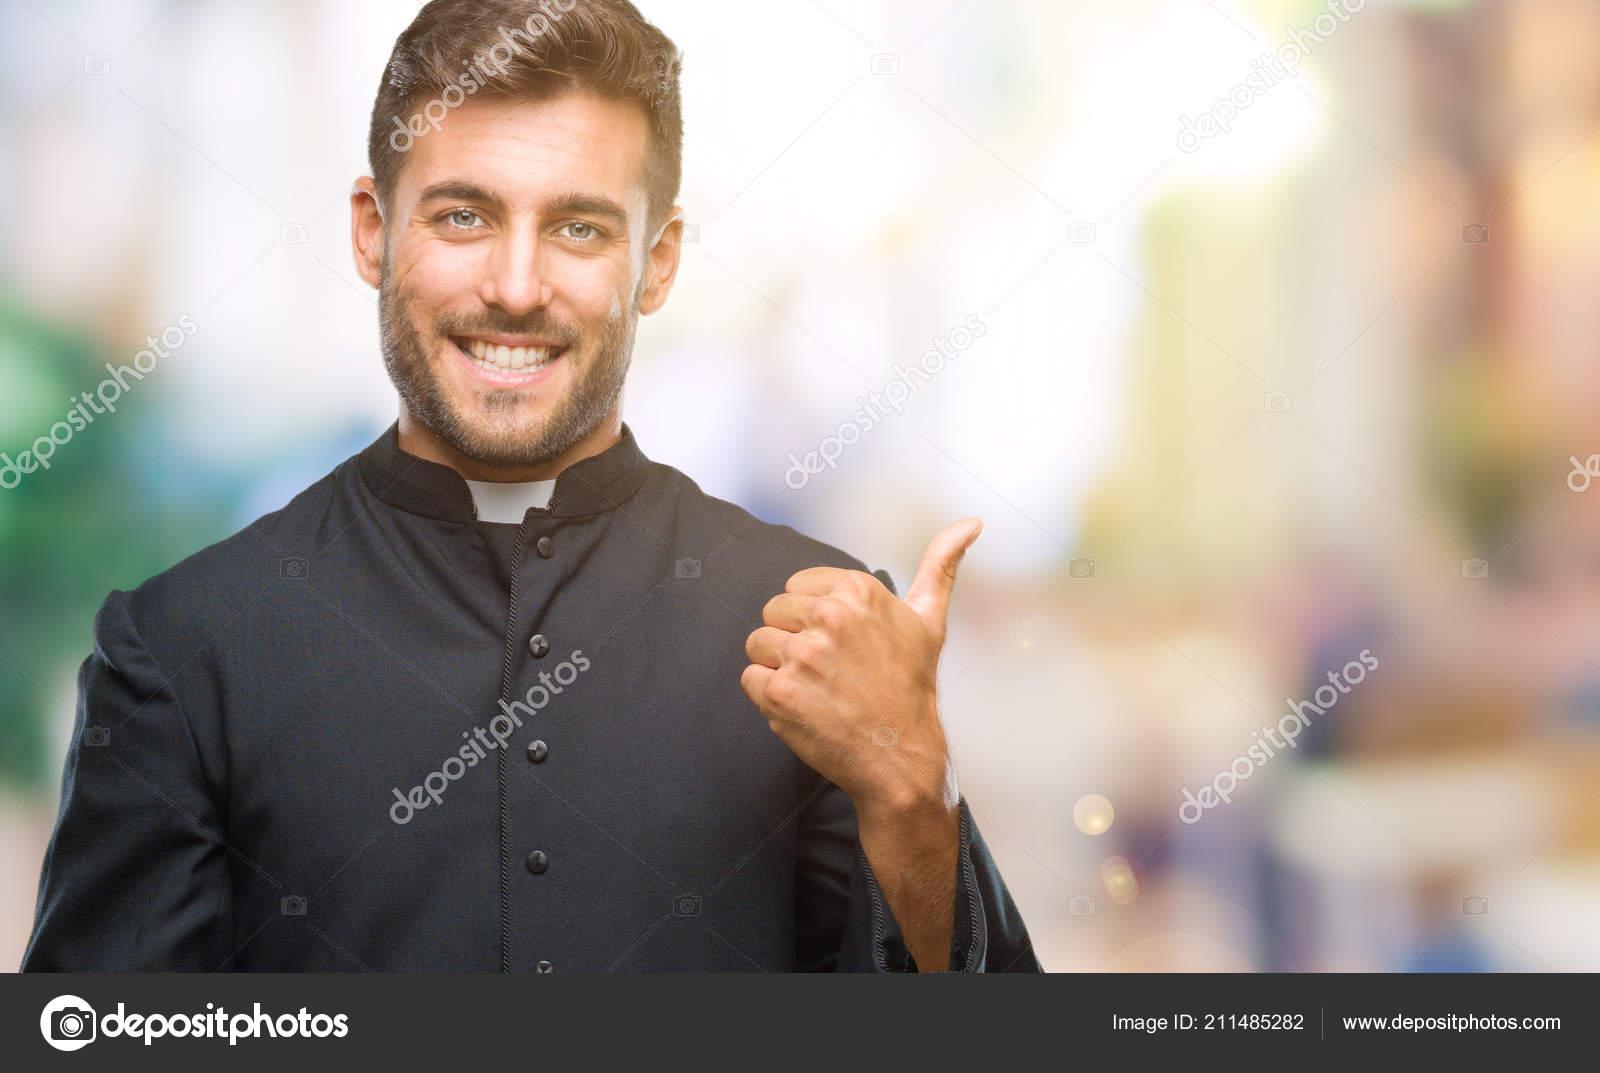 Der jüngere Mann ist christlich Adam lyons online dating